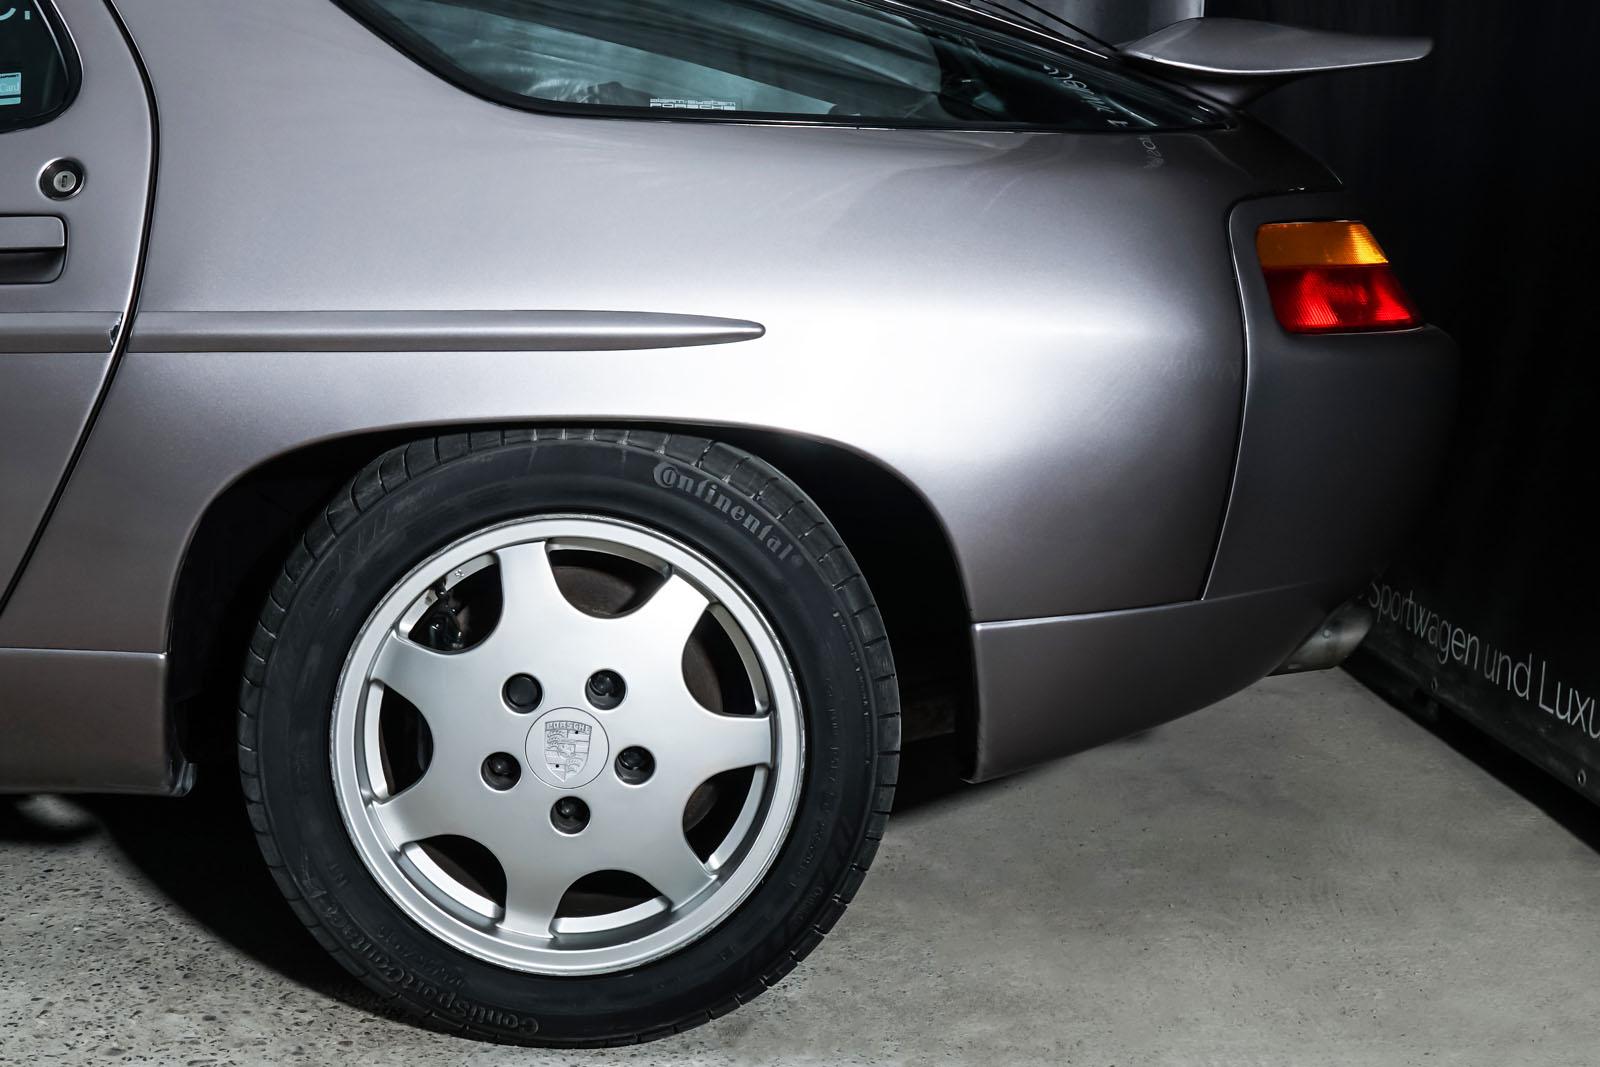 Porsche_928_Grey_Black_POR-0325_4_w